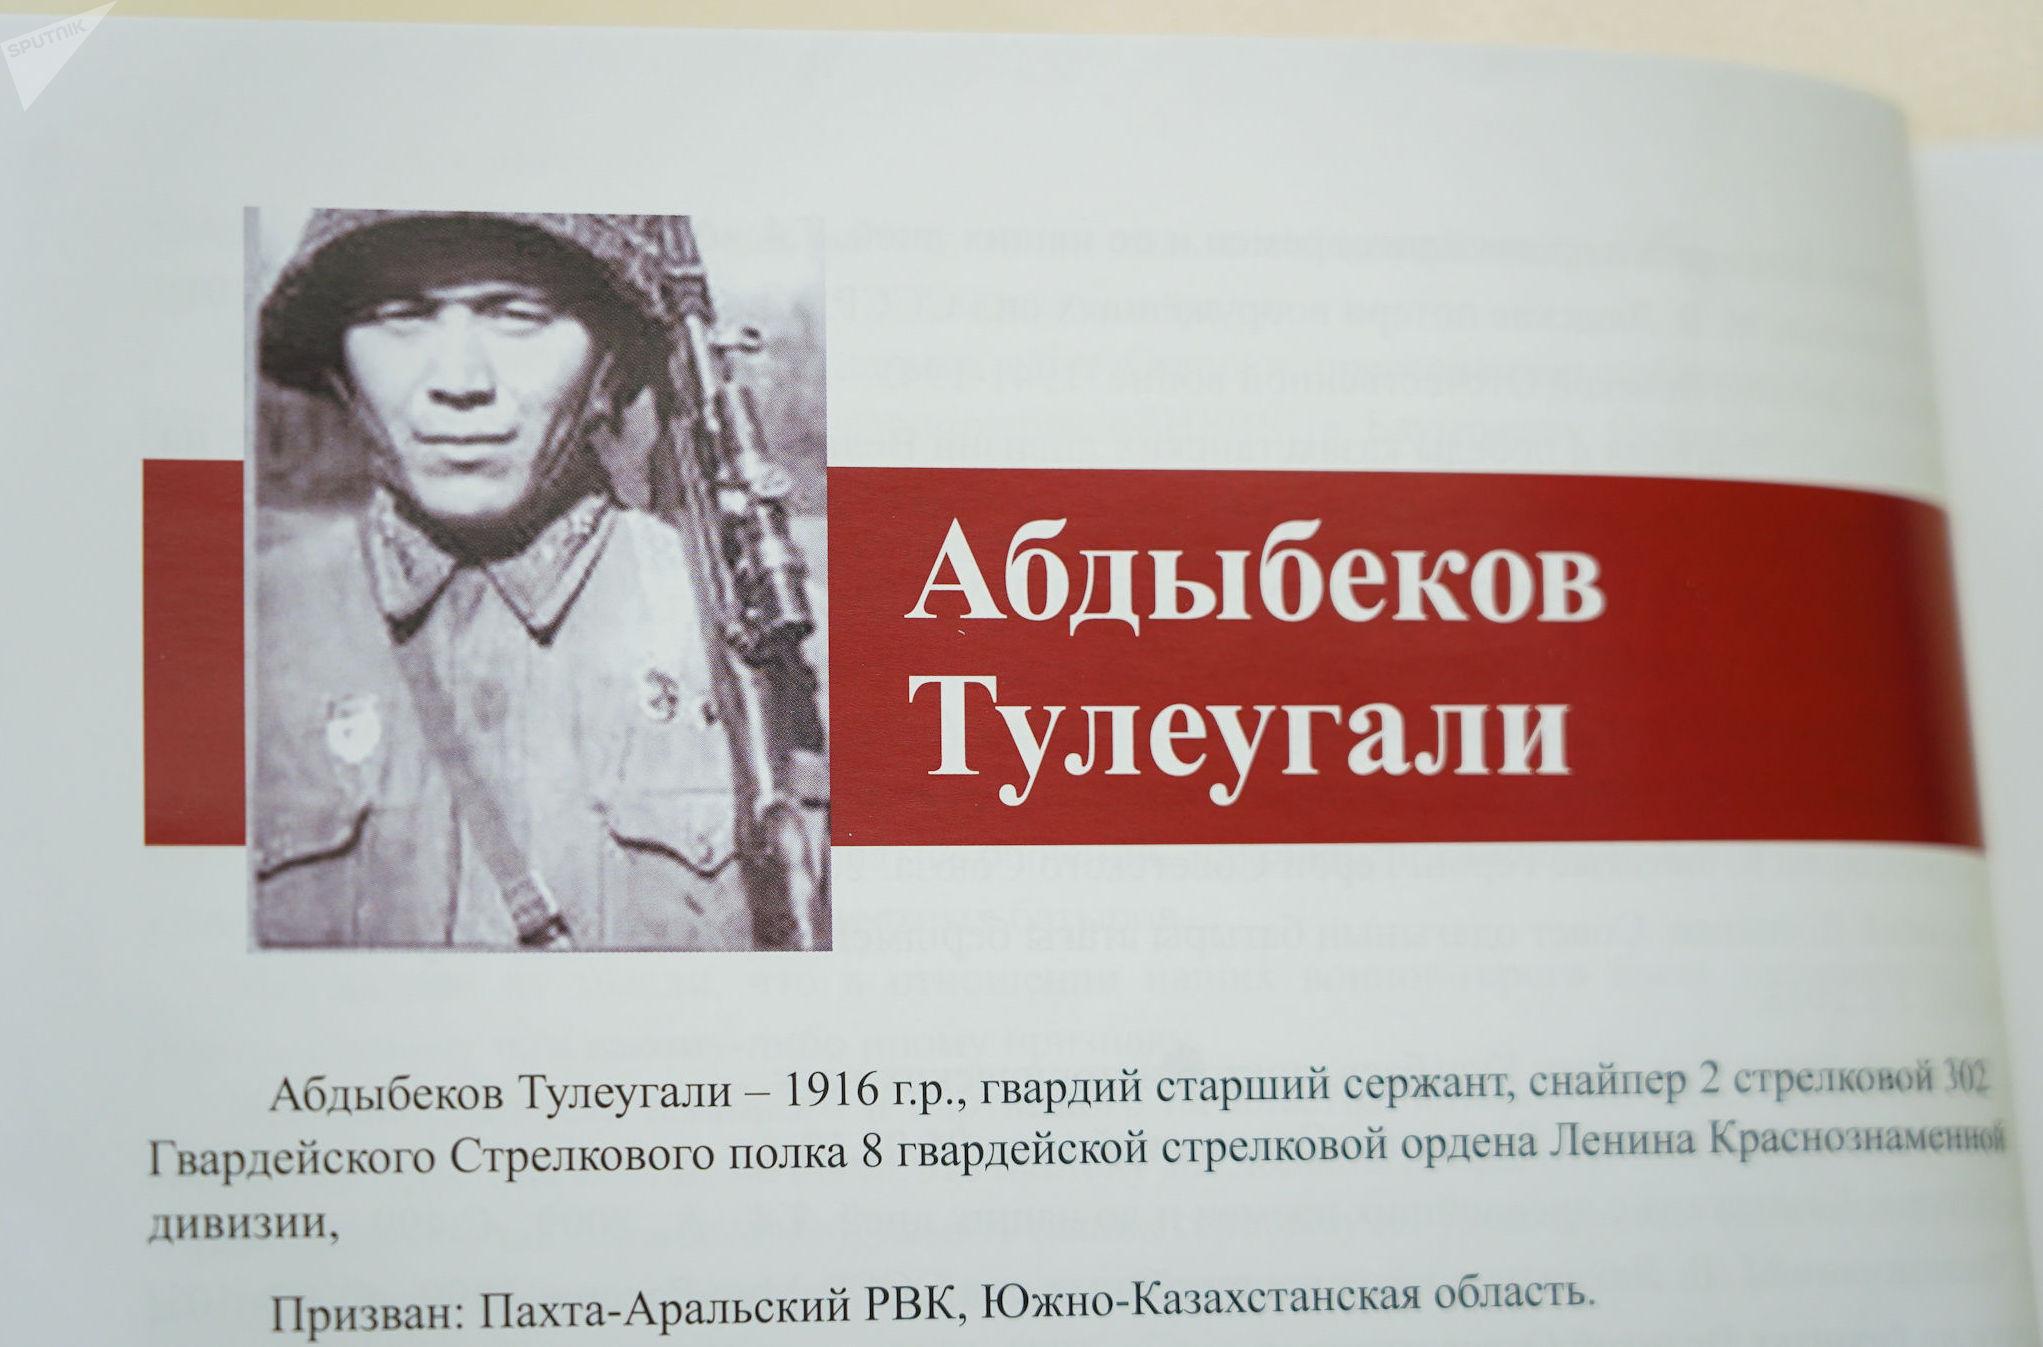 Книга Забытые герои о подвигах казахстанцев в Великой Отечественной войне